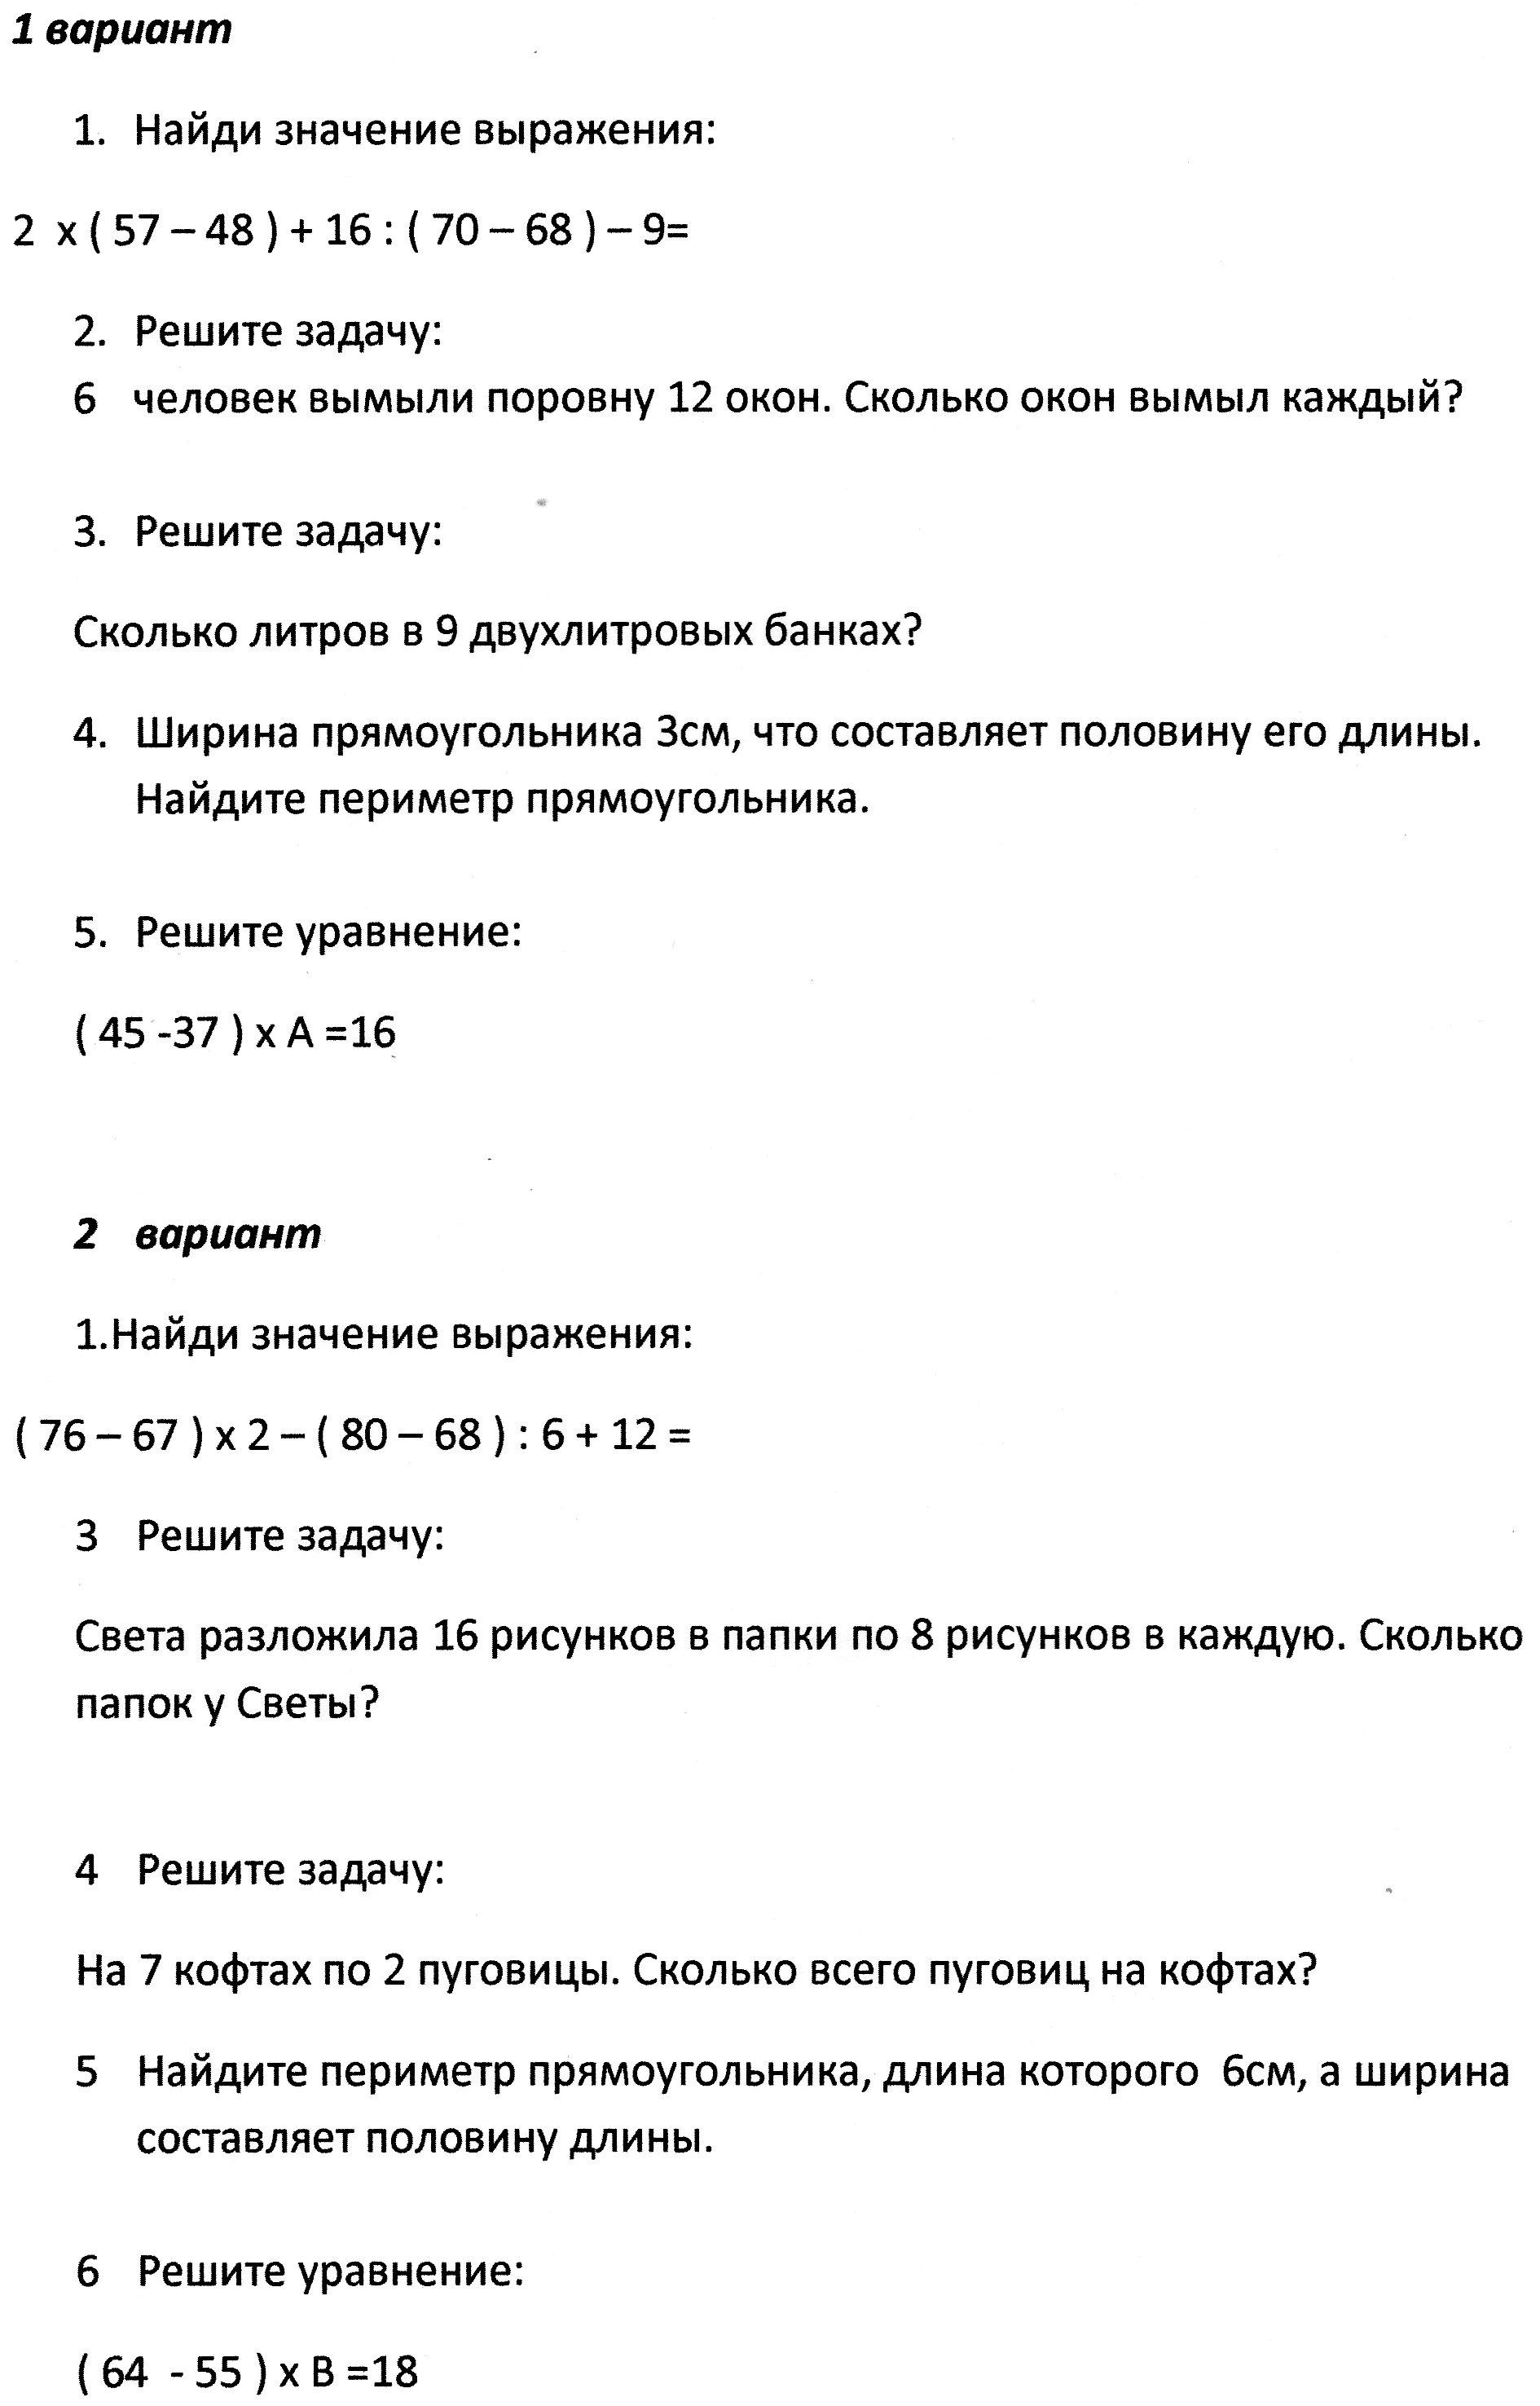 Контрольная работа по математике за 1 полугодие 2 класс гейдман